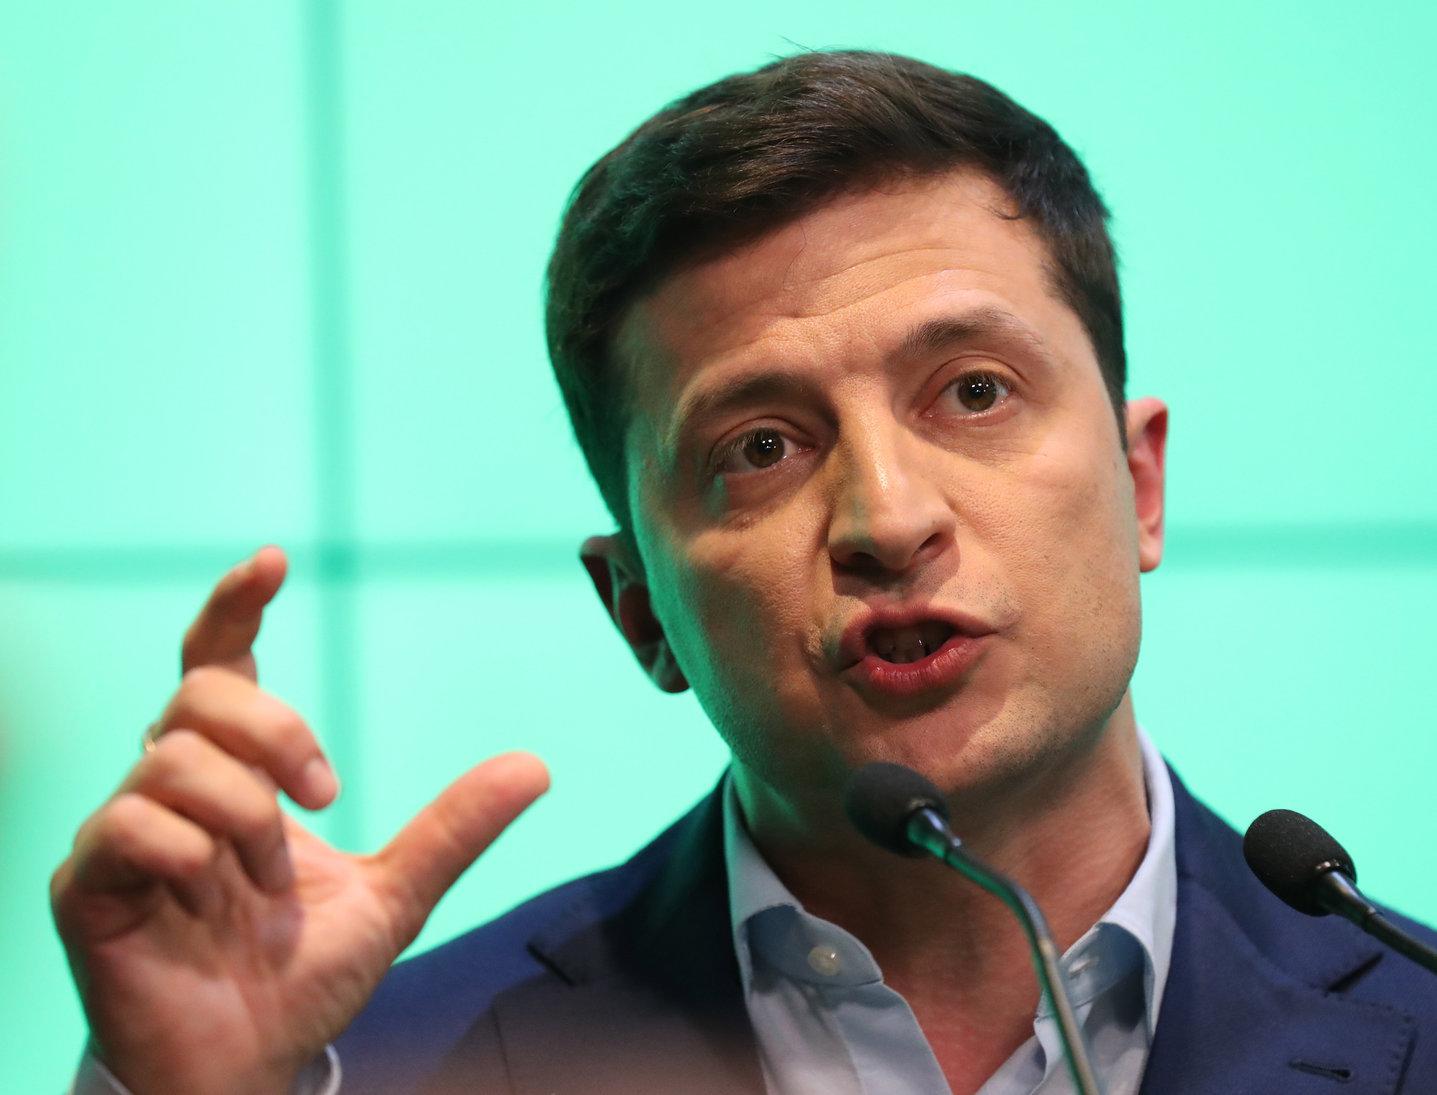 Volodimir Zelenszkij ukrán humorista elnökjelölt sajtótájékoztatót tart, miután megnyerte az ukrán elnökválasztás második fordulóját Kijevben 2019. április 21-én. Zelenszkij a szavazatok 73,2 százalékát szerezte meg, míg Petro Porosenko hivatalban lévő államfőt a választók 25,3 százaléka támogatta.(Fotó: Taccjana Zenkovics/ MTI/EPA)